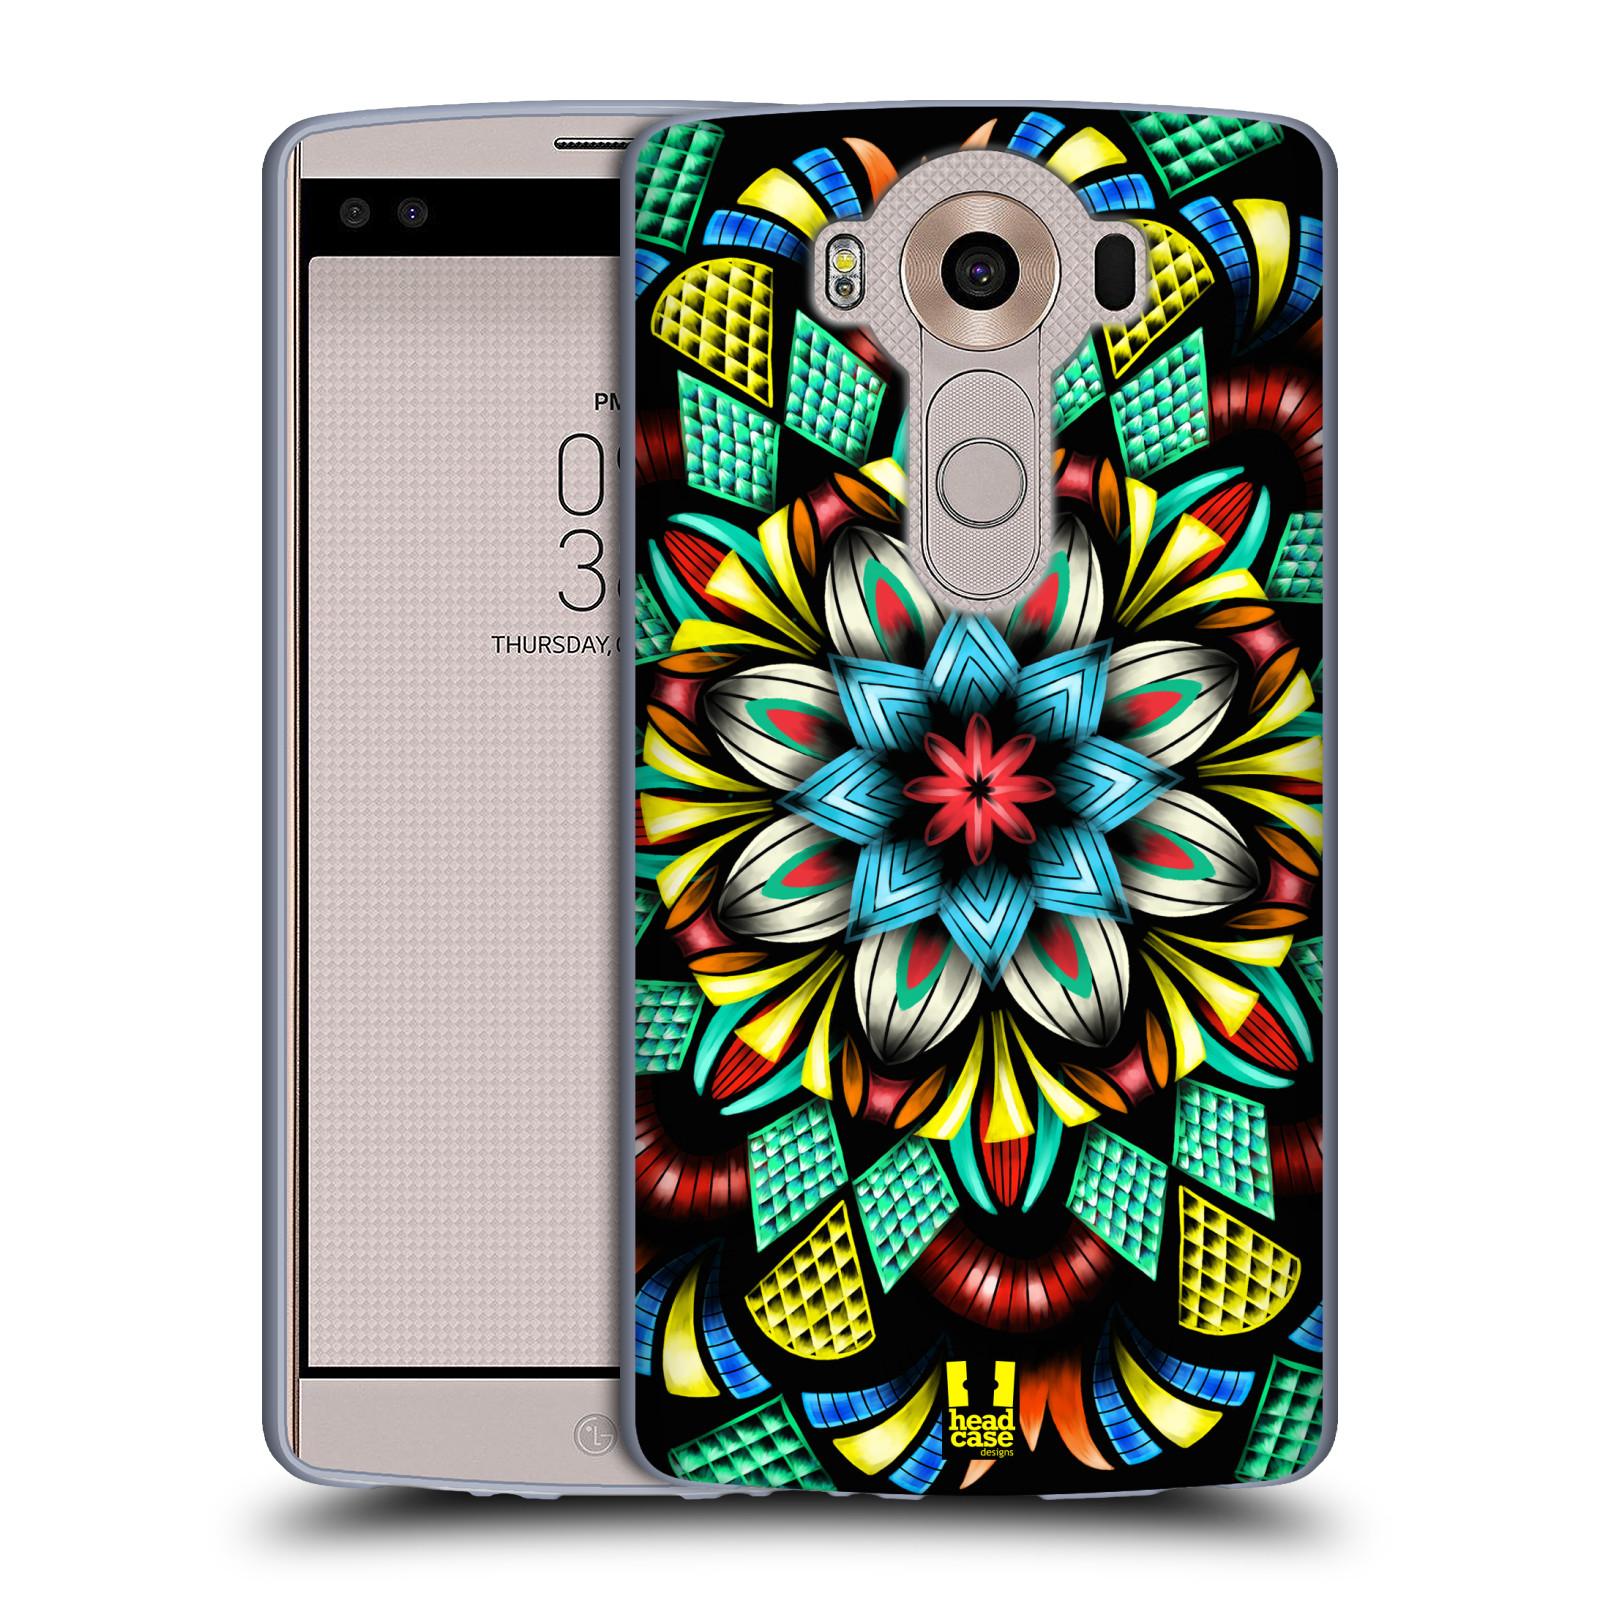 HEAD CASE silikonový obal na mobil LG V10 (H960A) vzor Indie Mandala kaleidoskop barevný vzor TRADIČNÍ